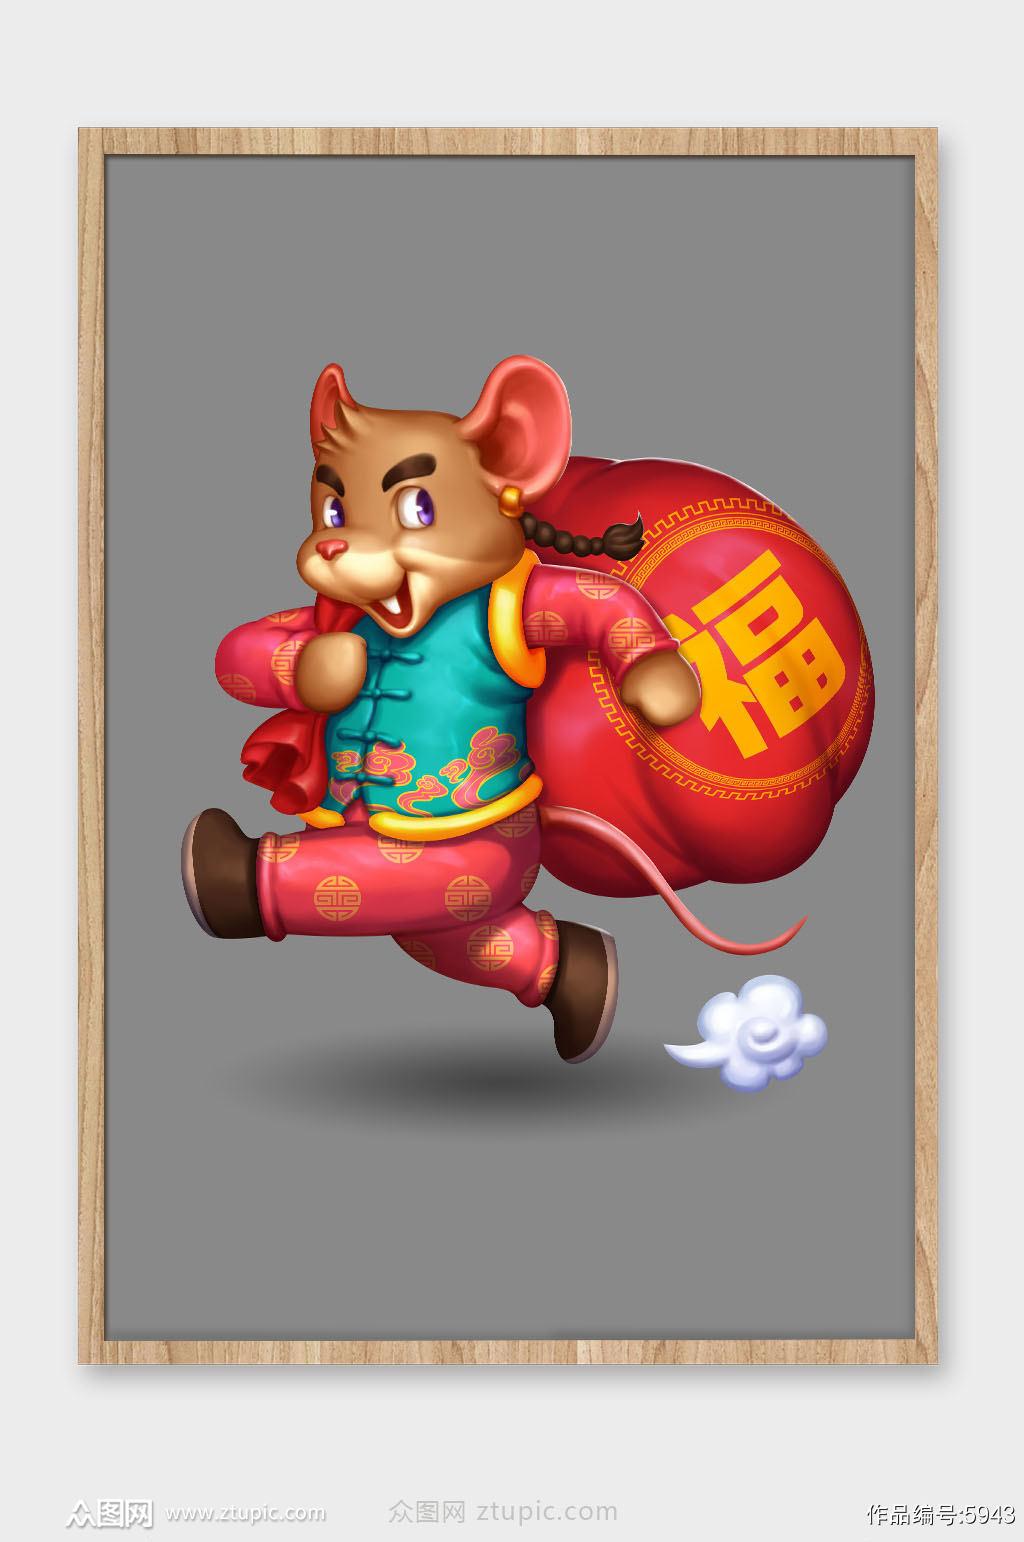 2020鼠年卡通插画素材